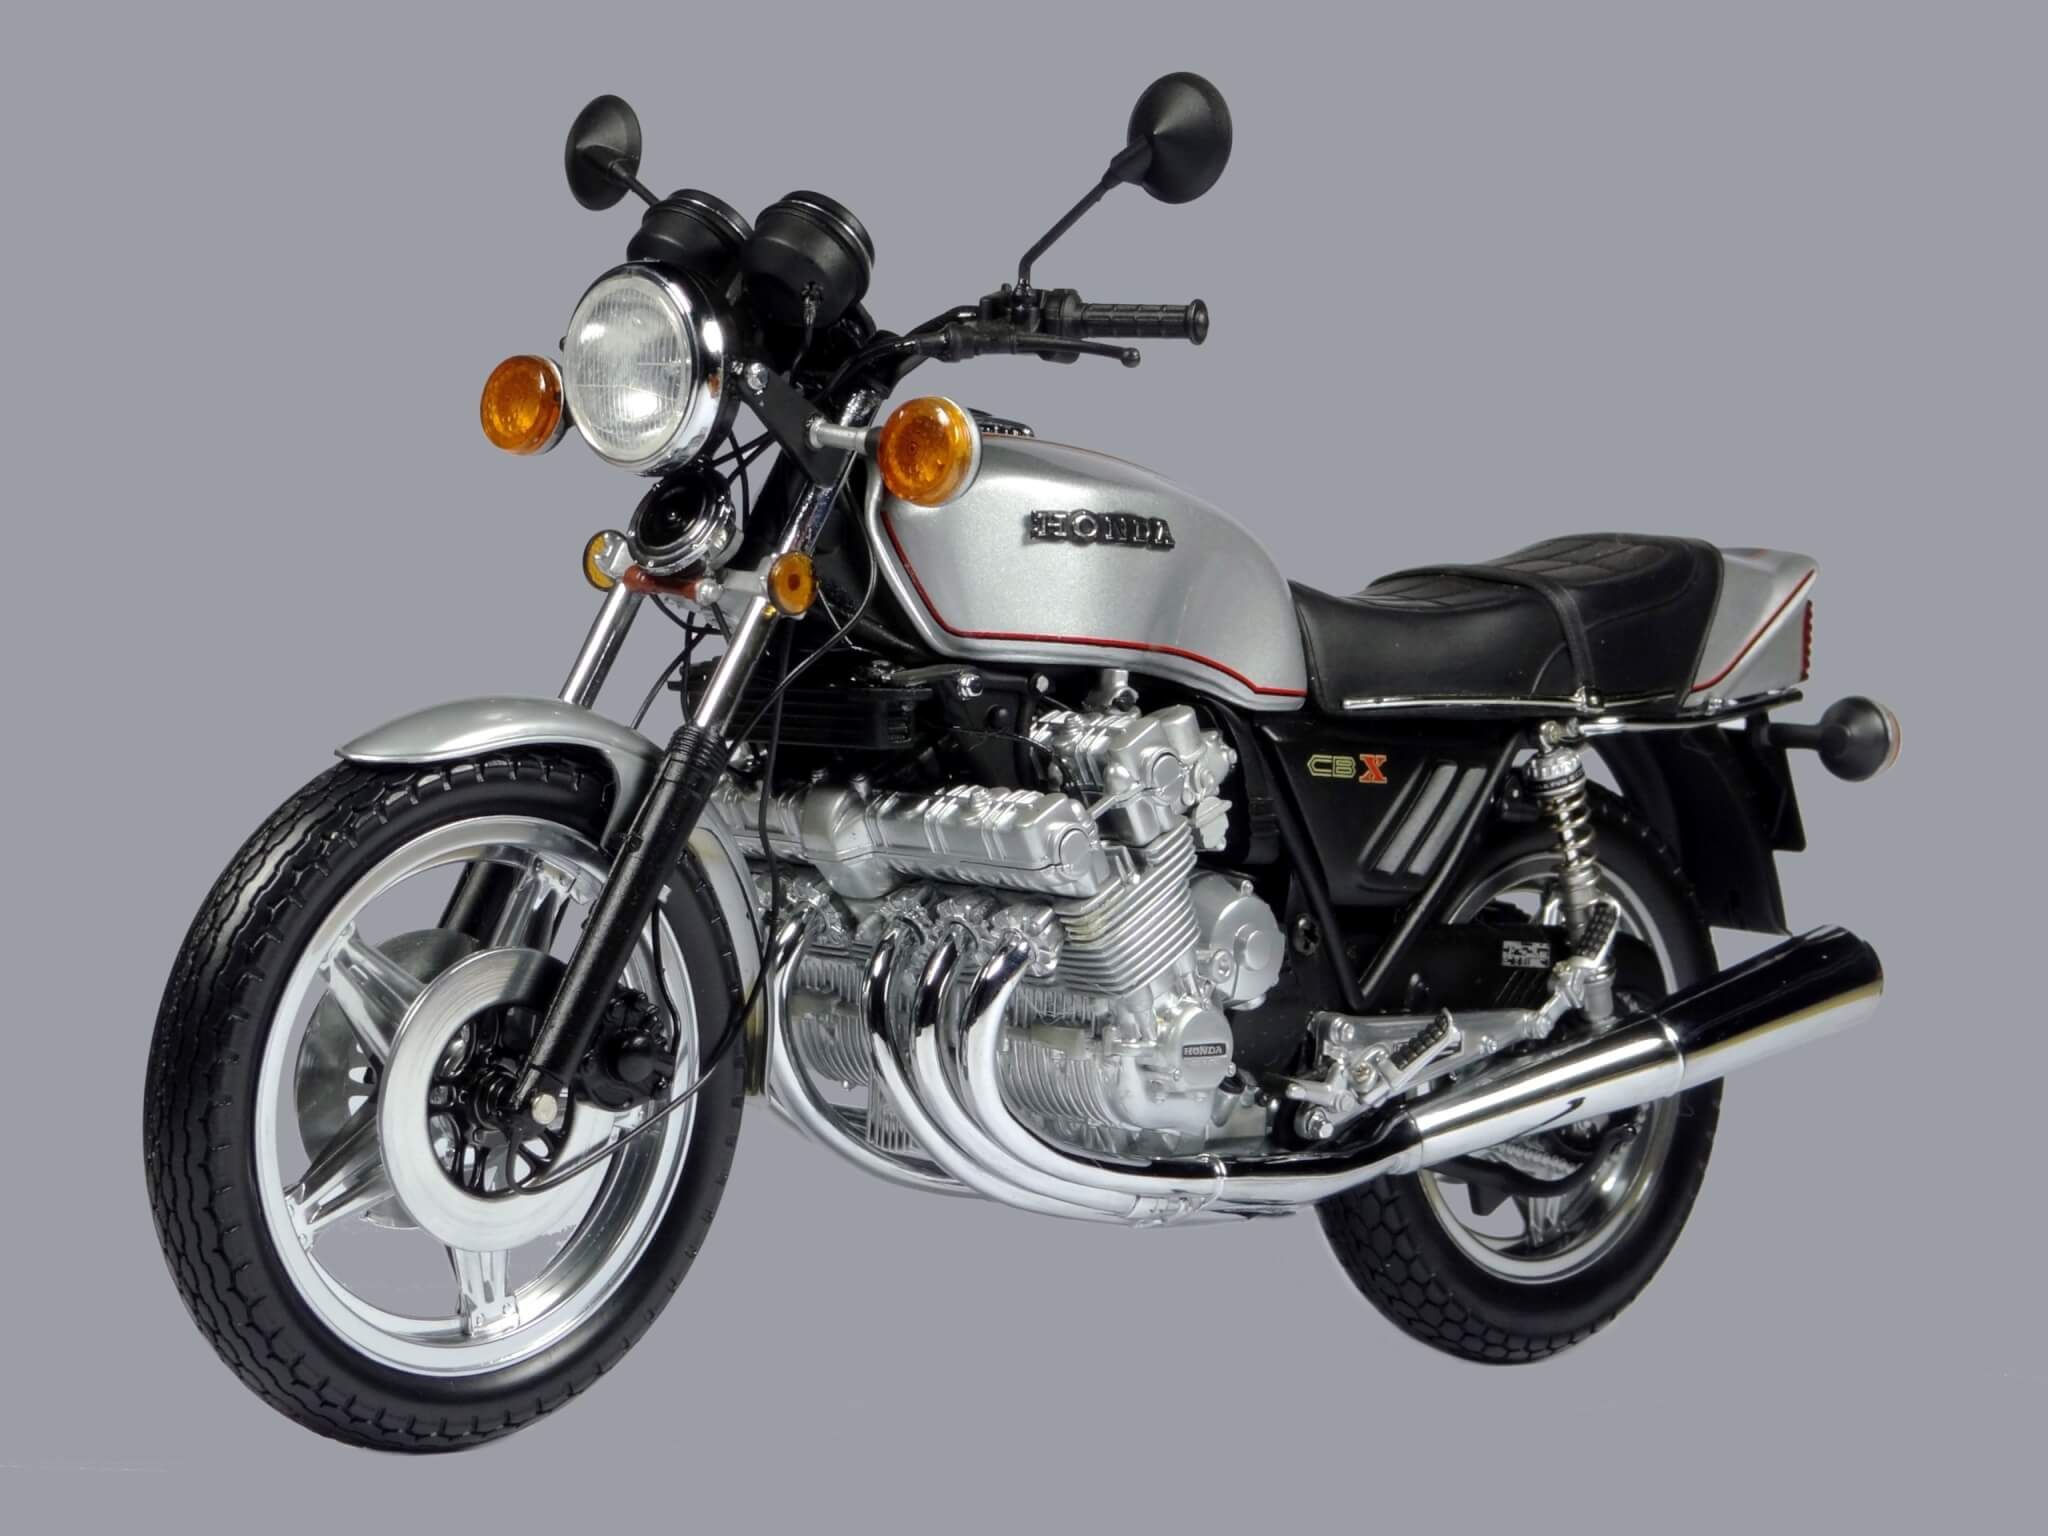 Honda CBX 1000. Sześciocylindrowy naked bike